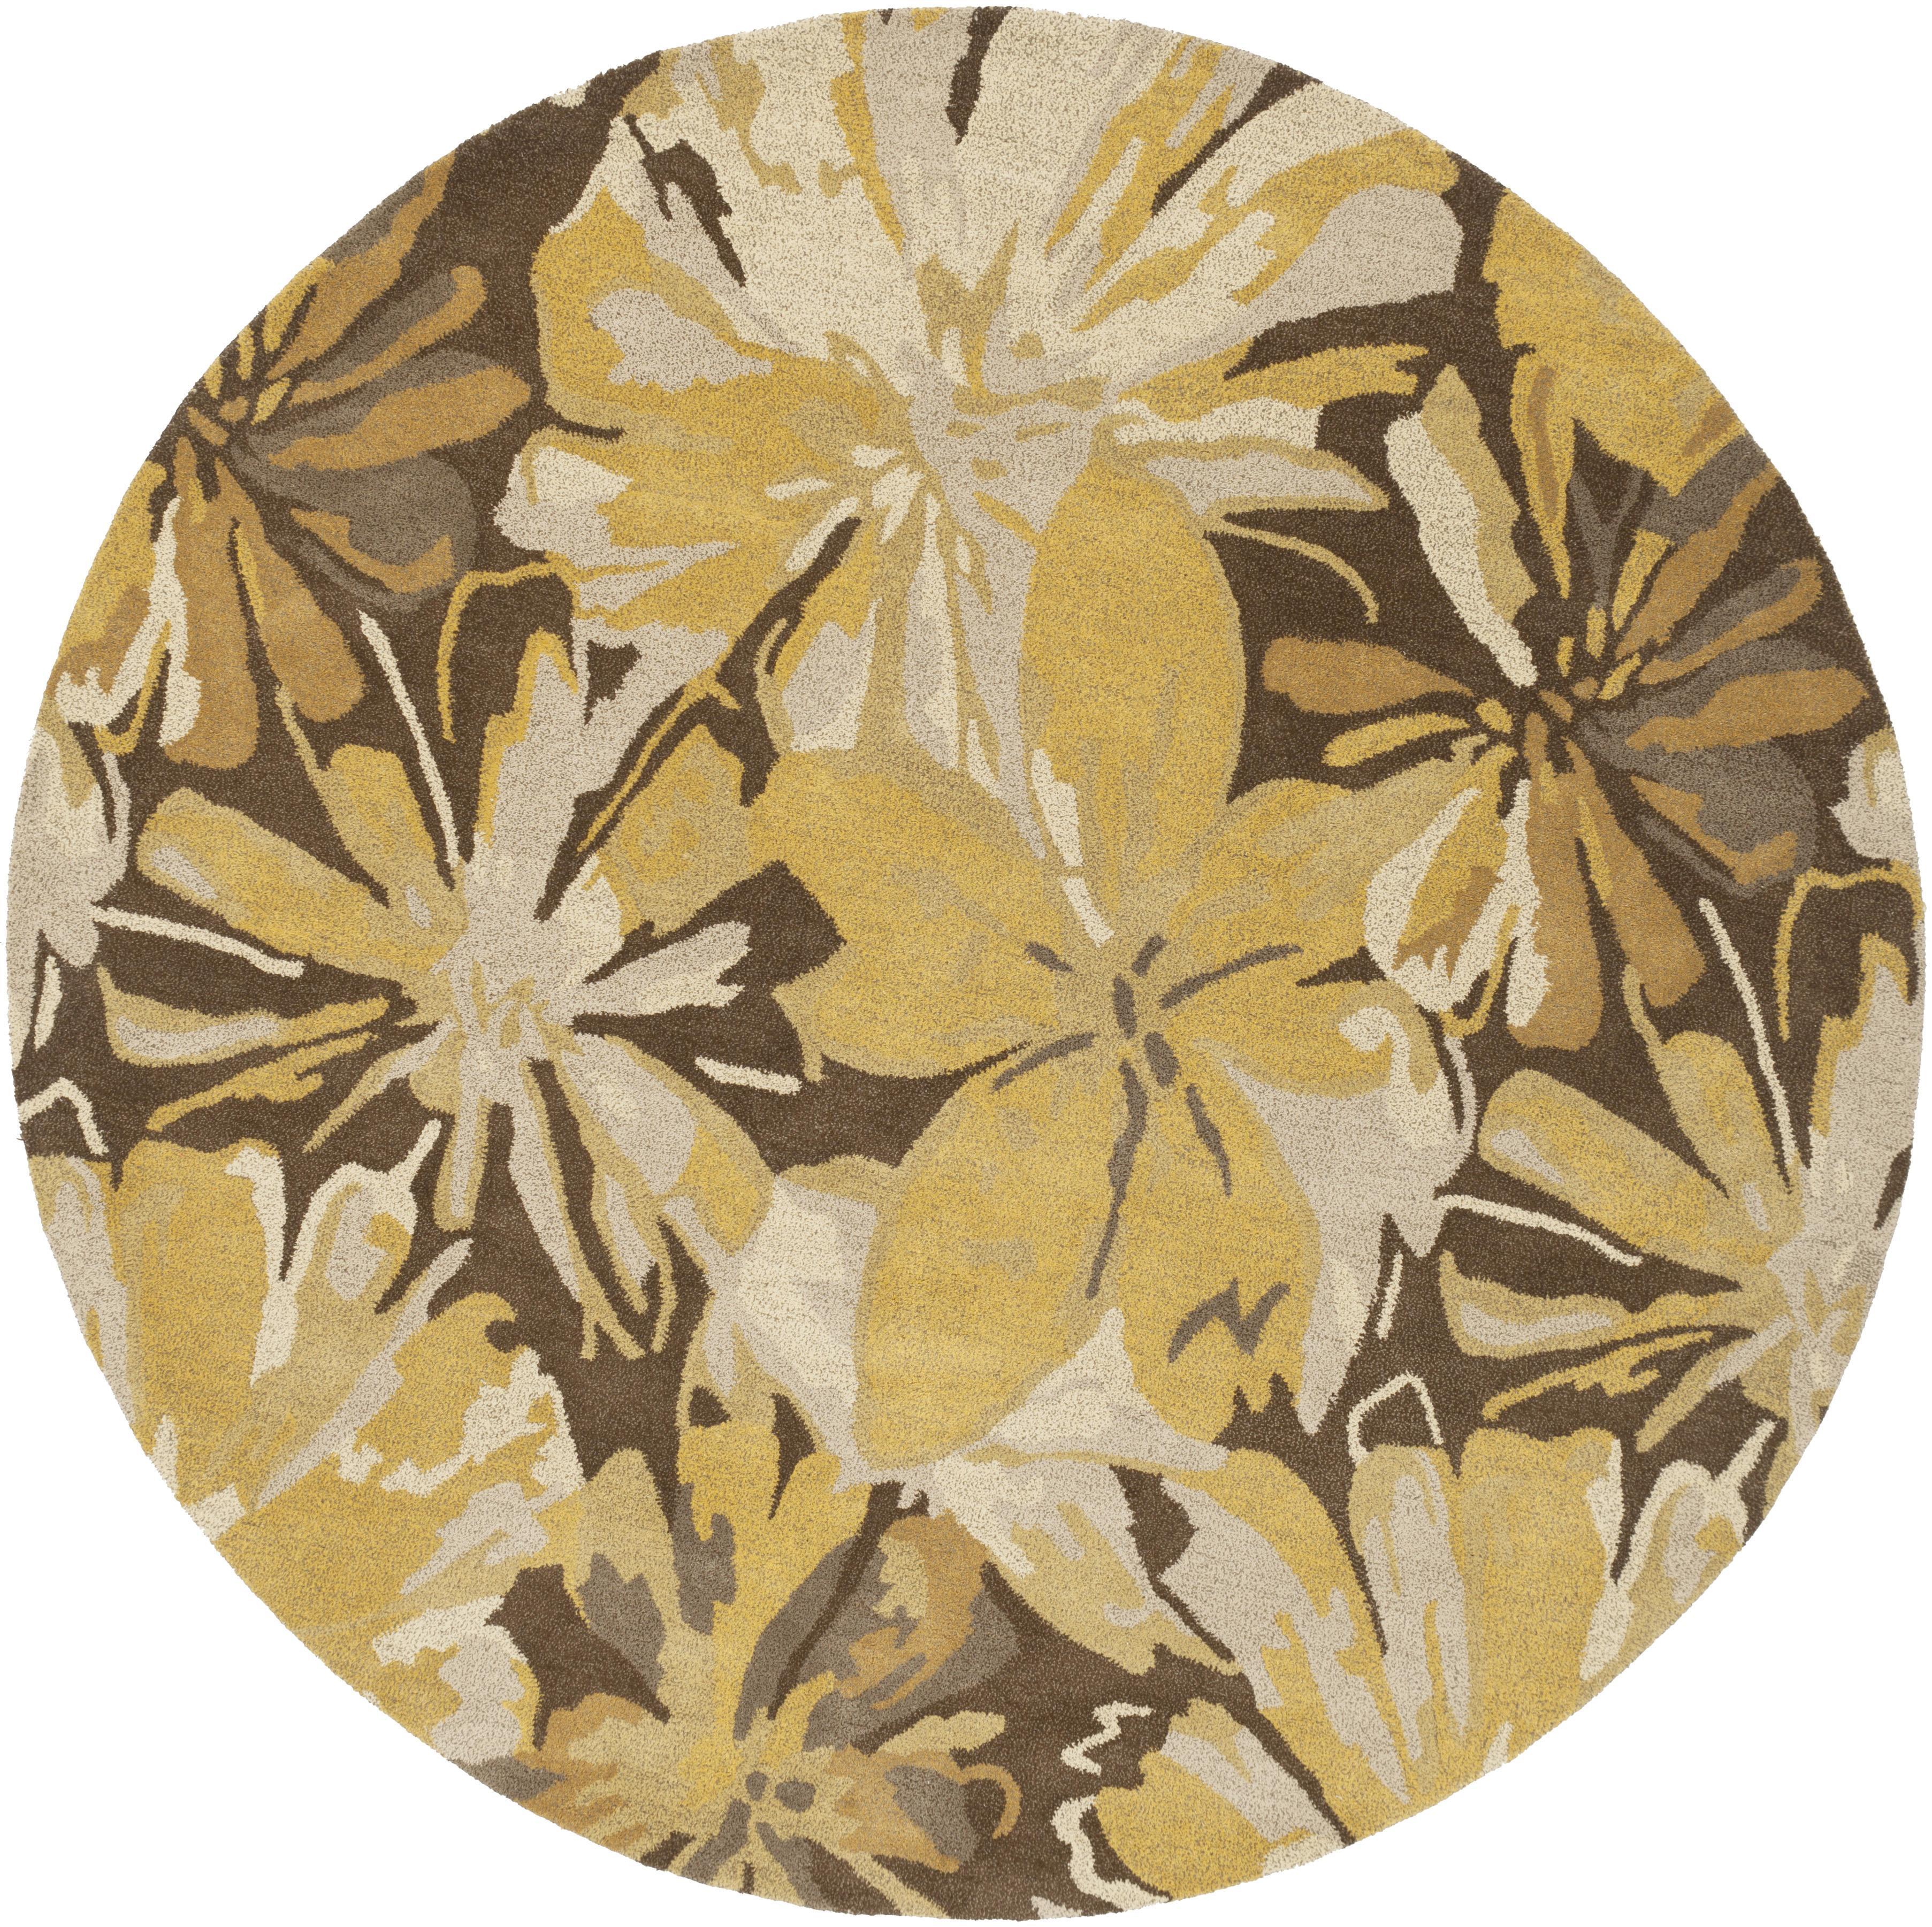 Surya Athena 4' Round - Item Number: ATH5115-4RD